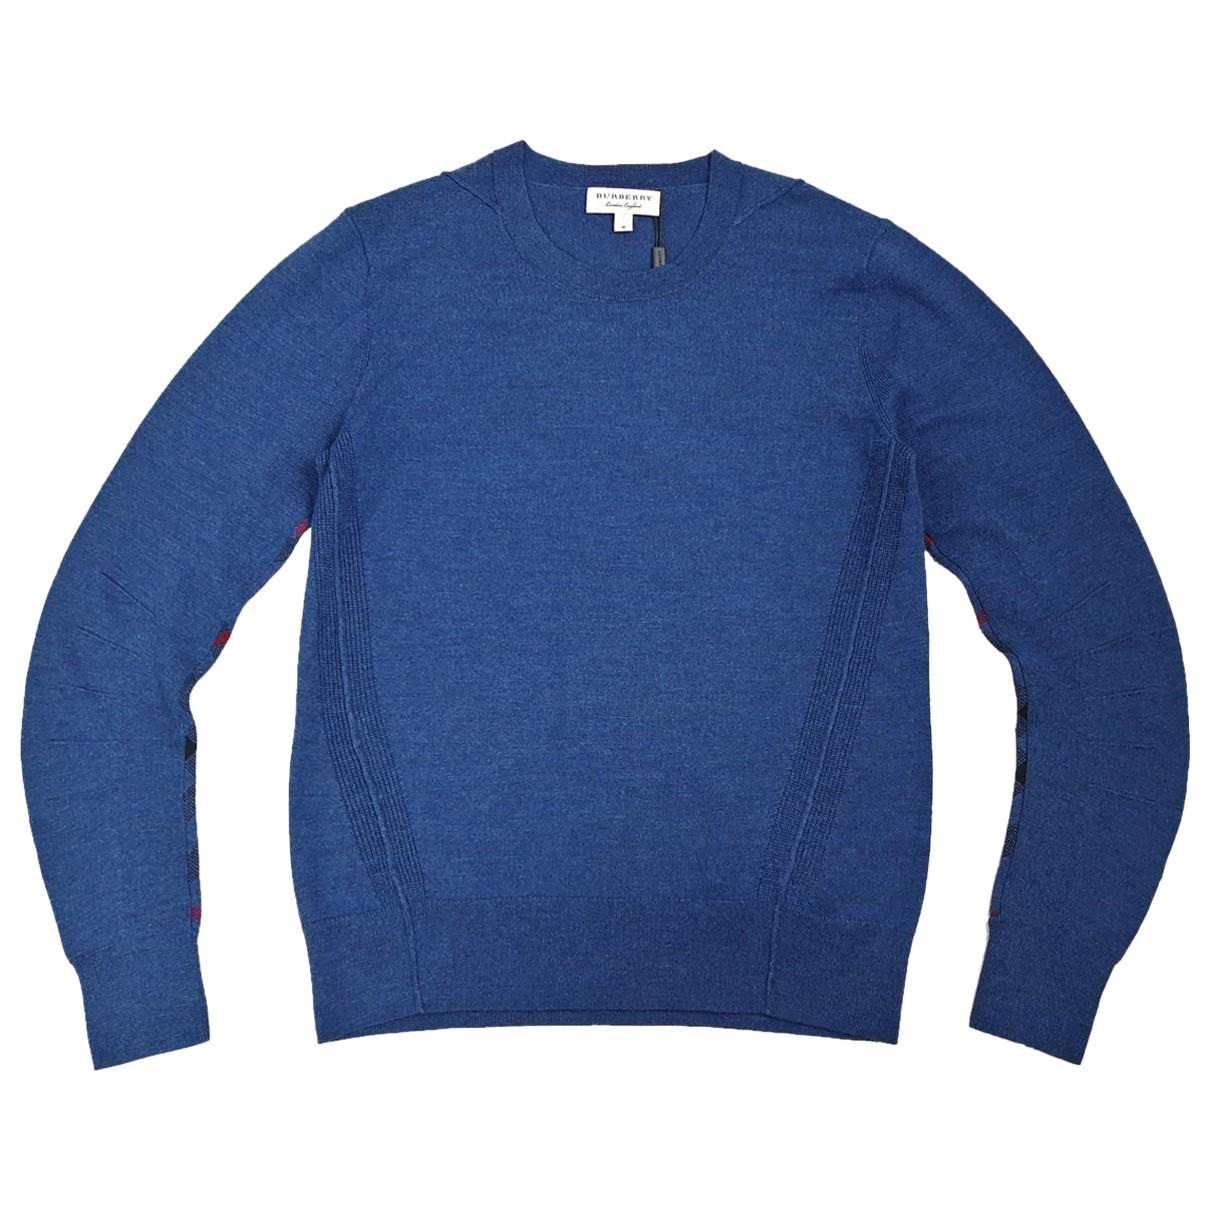 Burberry - Pulls.Gilets.Sweats   pour homme en laine - bleu